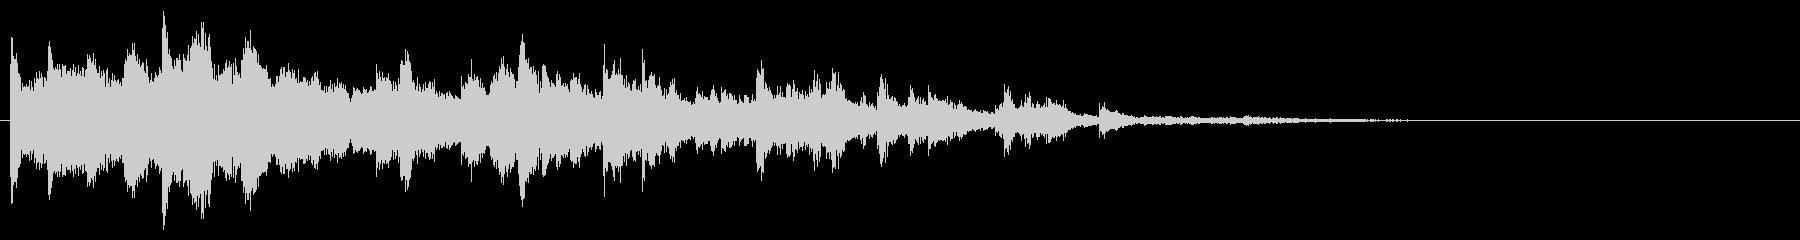 KANT シンセアイキャッチ011011の未再生の波形